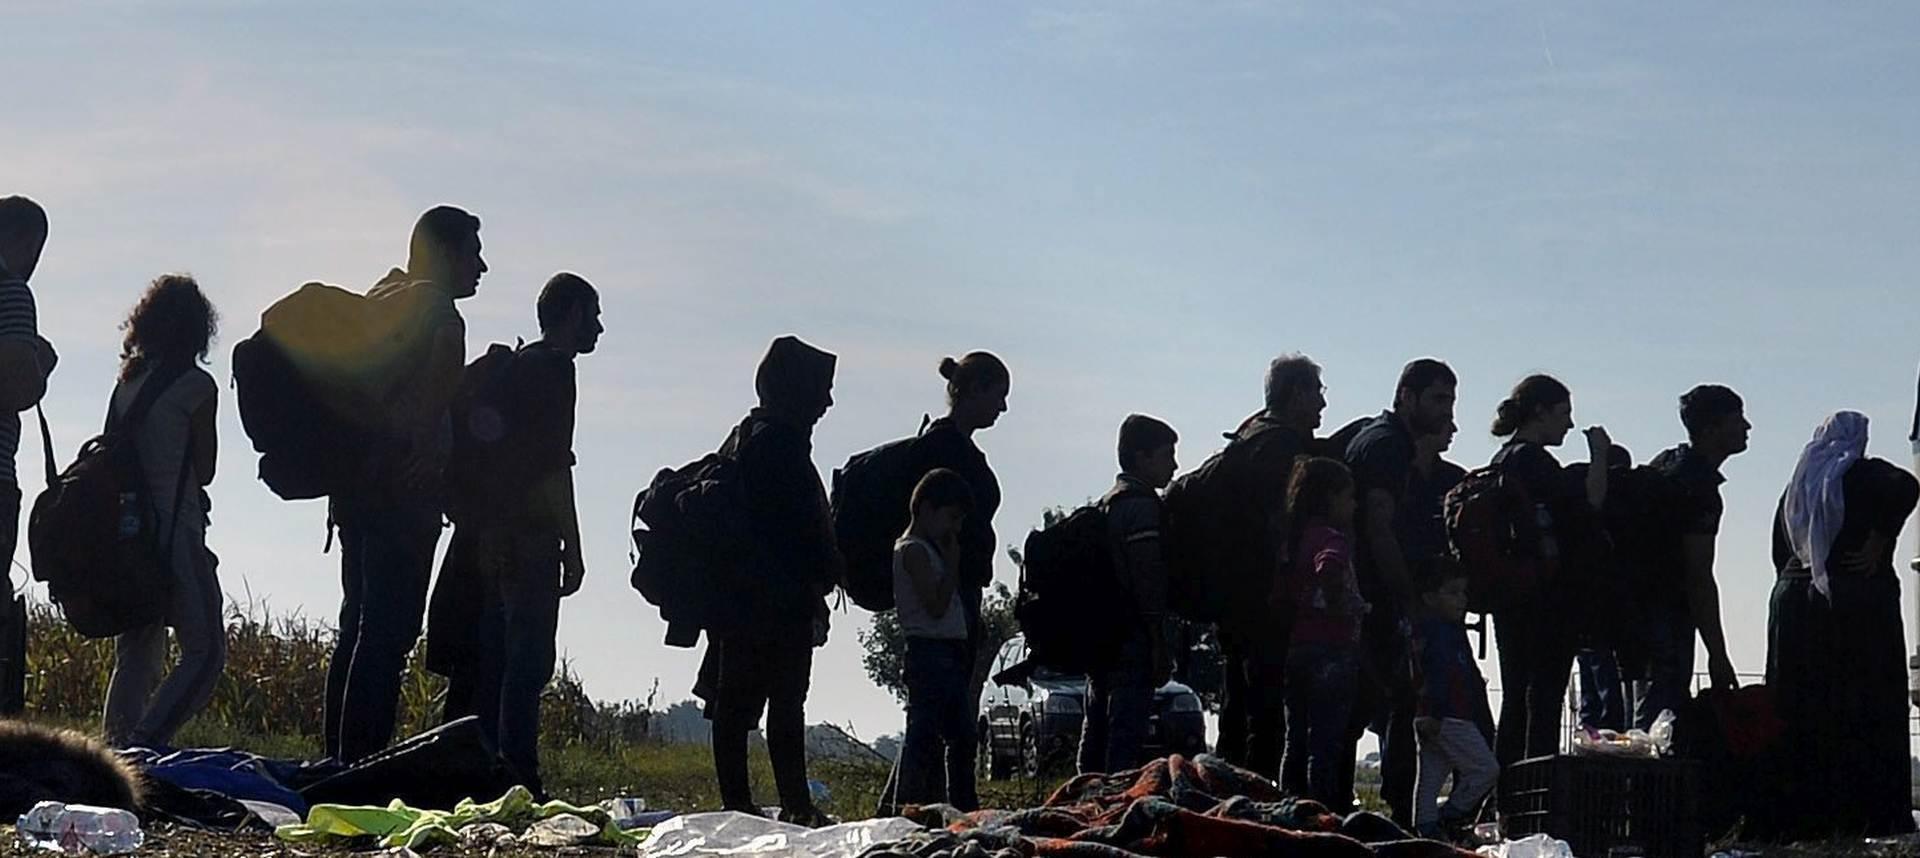 STRAH OD ZATVARANJA GRANICA: Desetak izbjeglica u Hrvatsku pokušalo ući kod Ličkog Petrovog Sela, privela ih policija